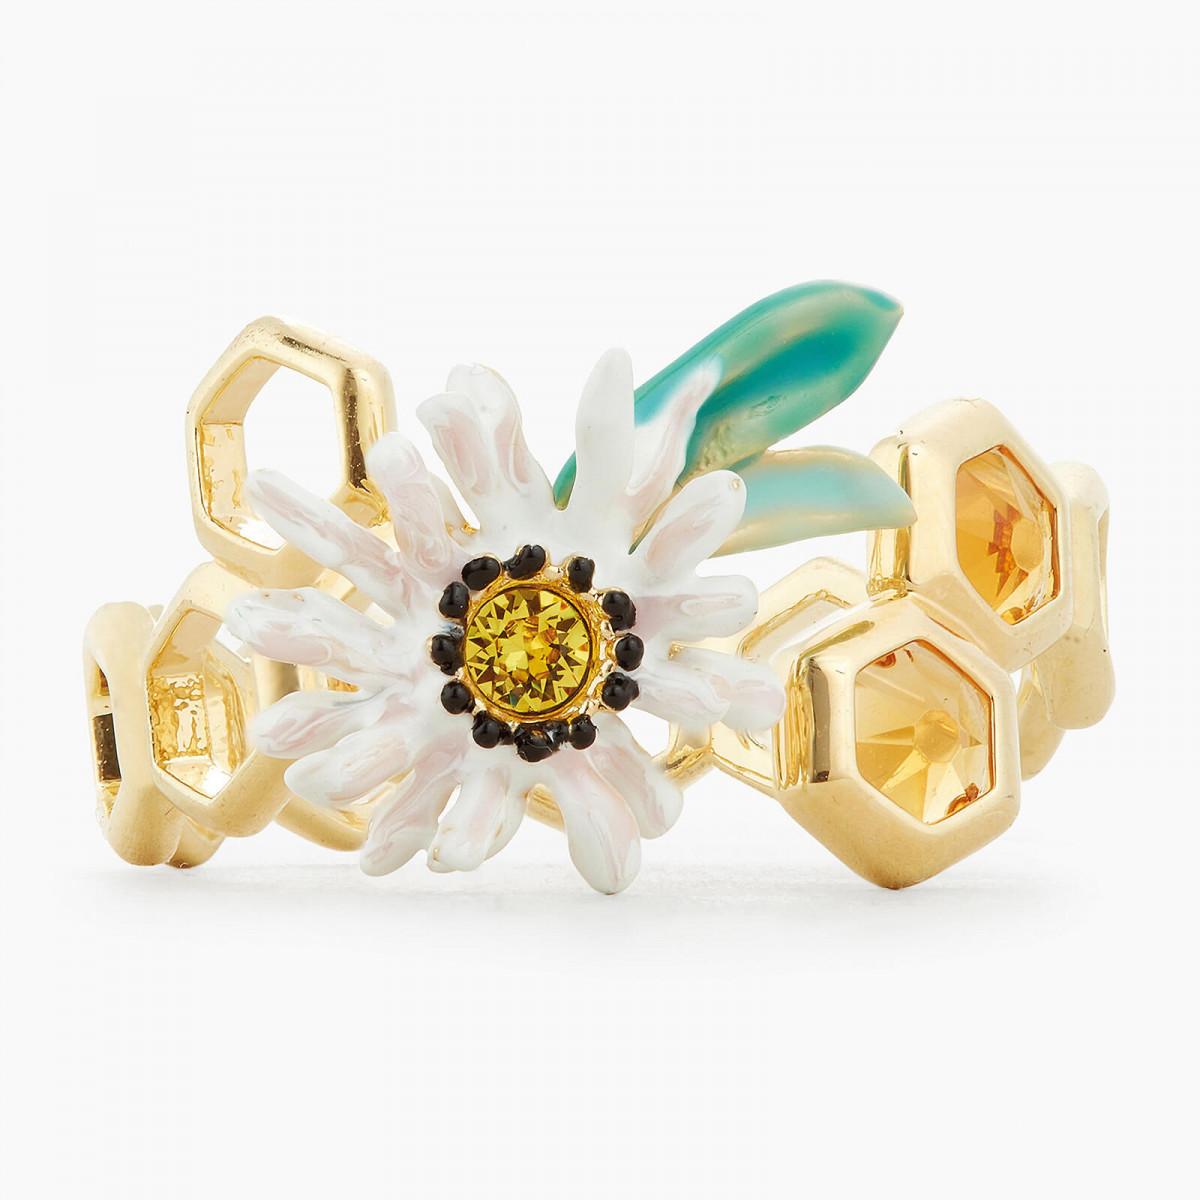 Boucles D'oreilles Tiges Boucles D'oreilles Tiges Petite Pierre Ronde La Diamantine Cristal50,00€ AILD118T/2Les Néréides